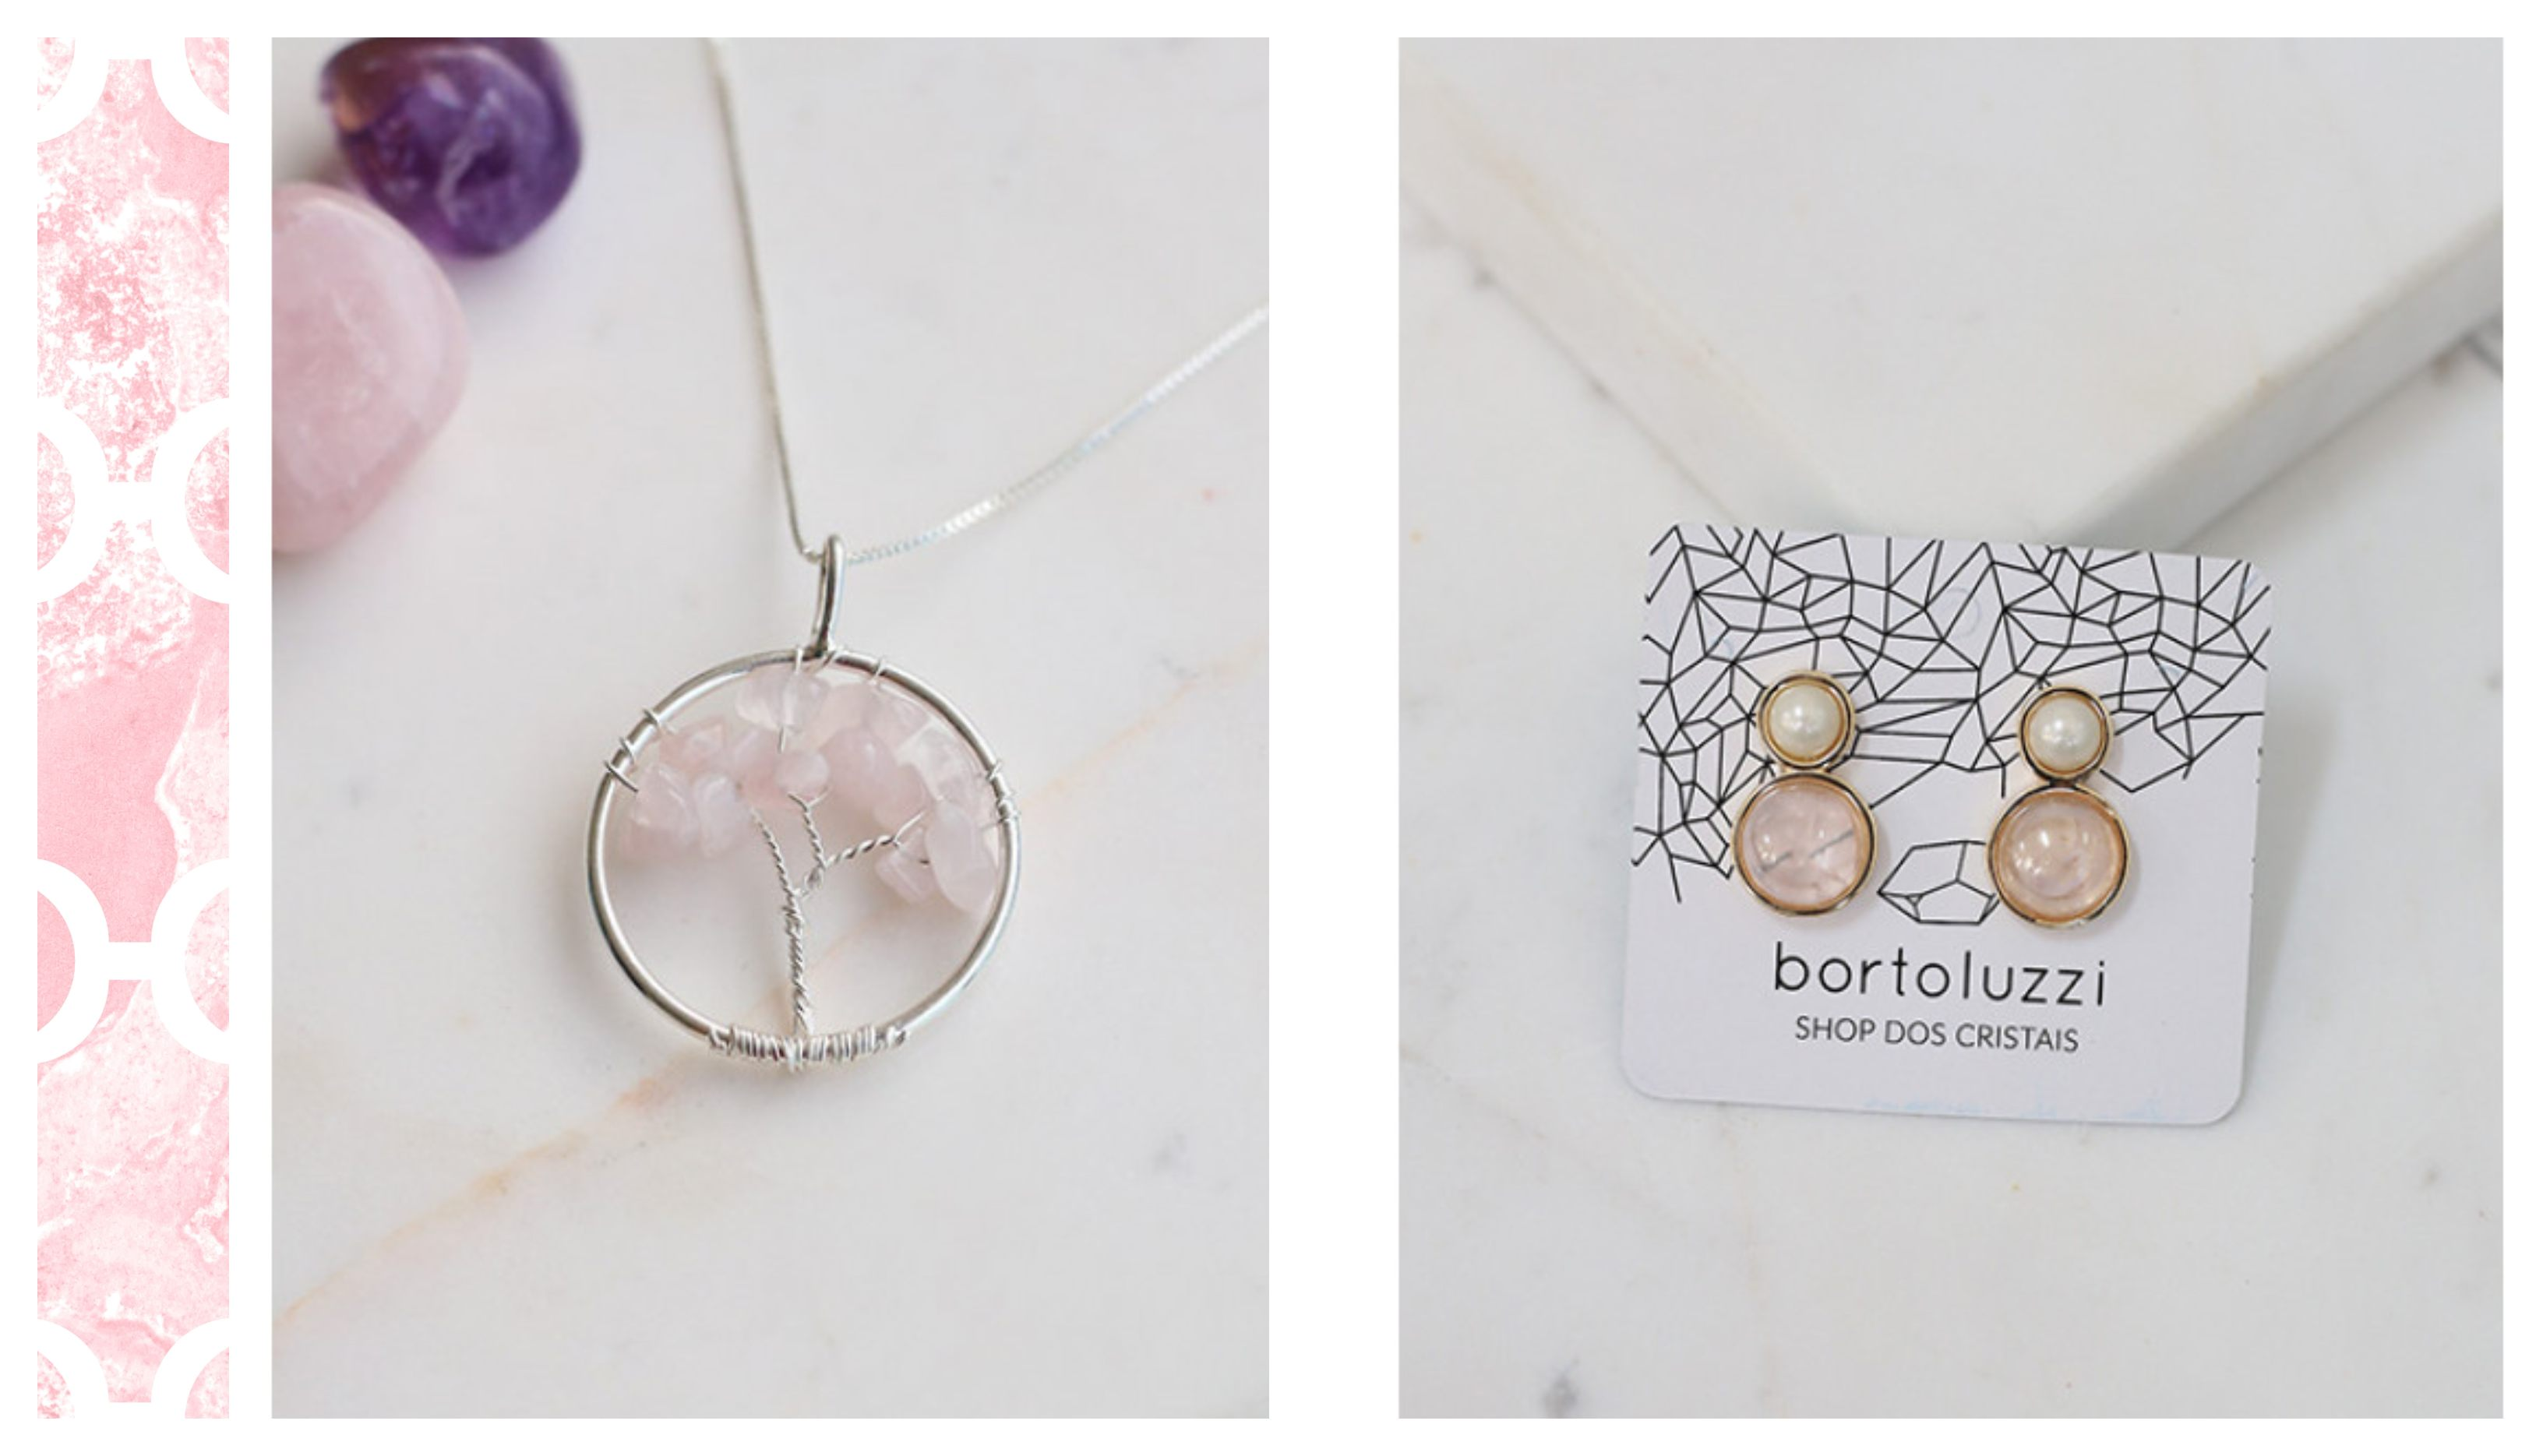 acessorios quartzo rosa shop dos cristais